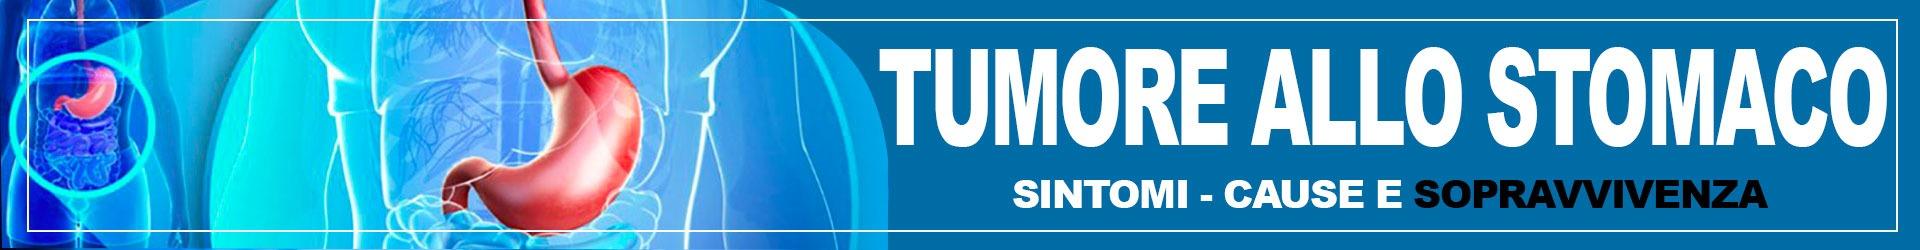 tumore-allo-stomaco-sintomi-cause-e-sopravvivenza